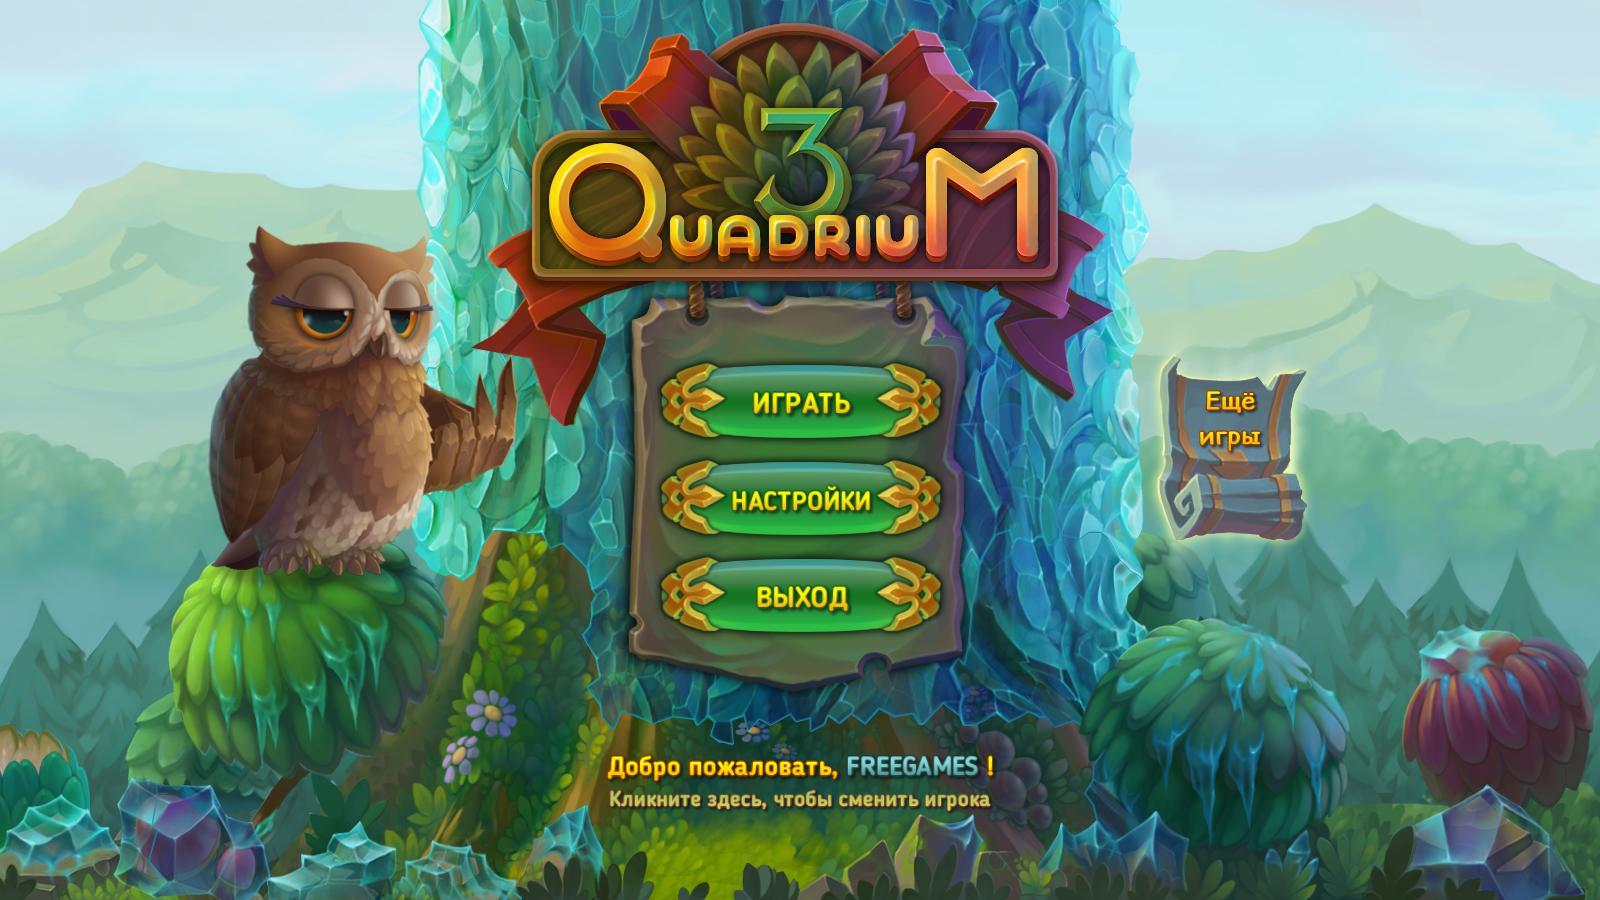 Квадриум 3 | Quadrium 3 (Rus | En)